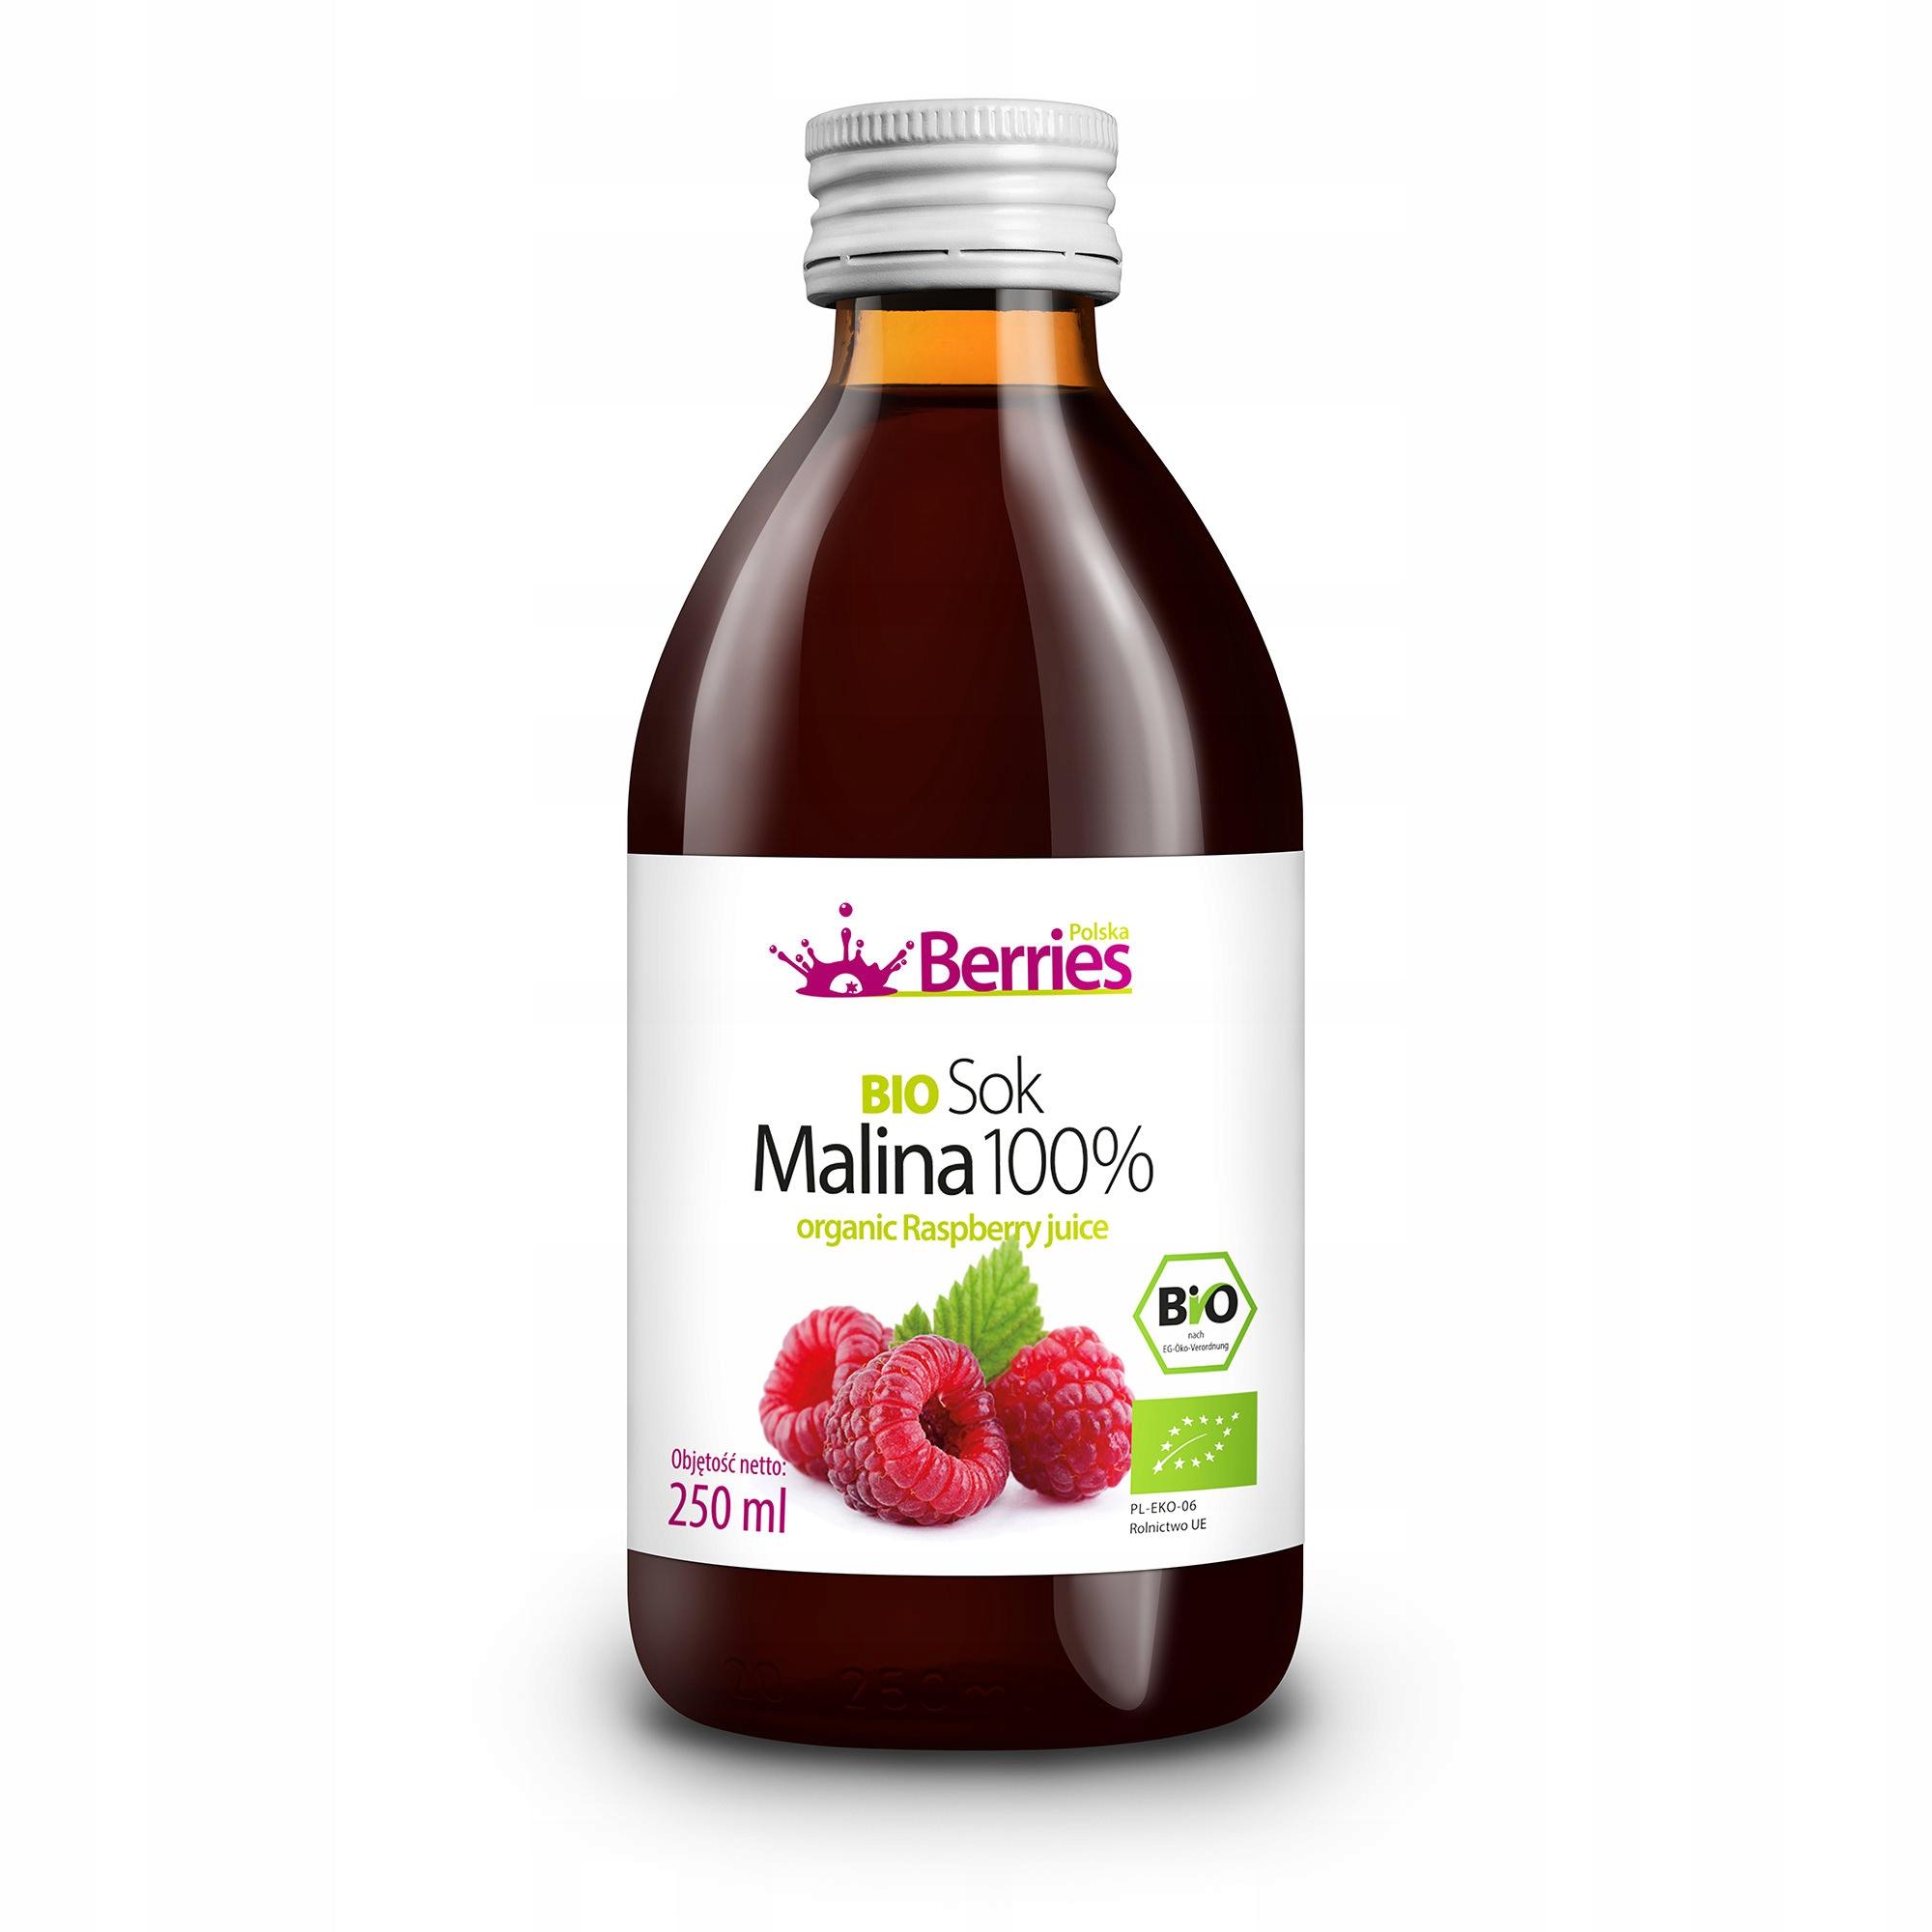 Sok BIO Malina 100% Ekologiczny sok malinowy 250ml